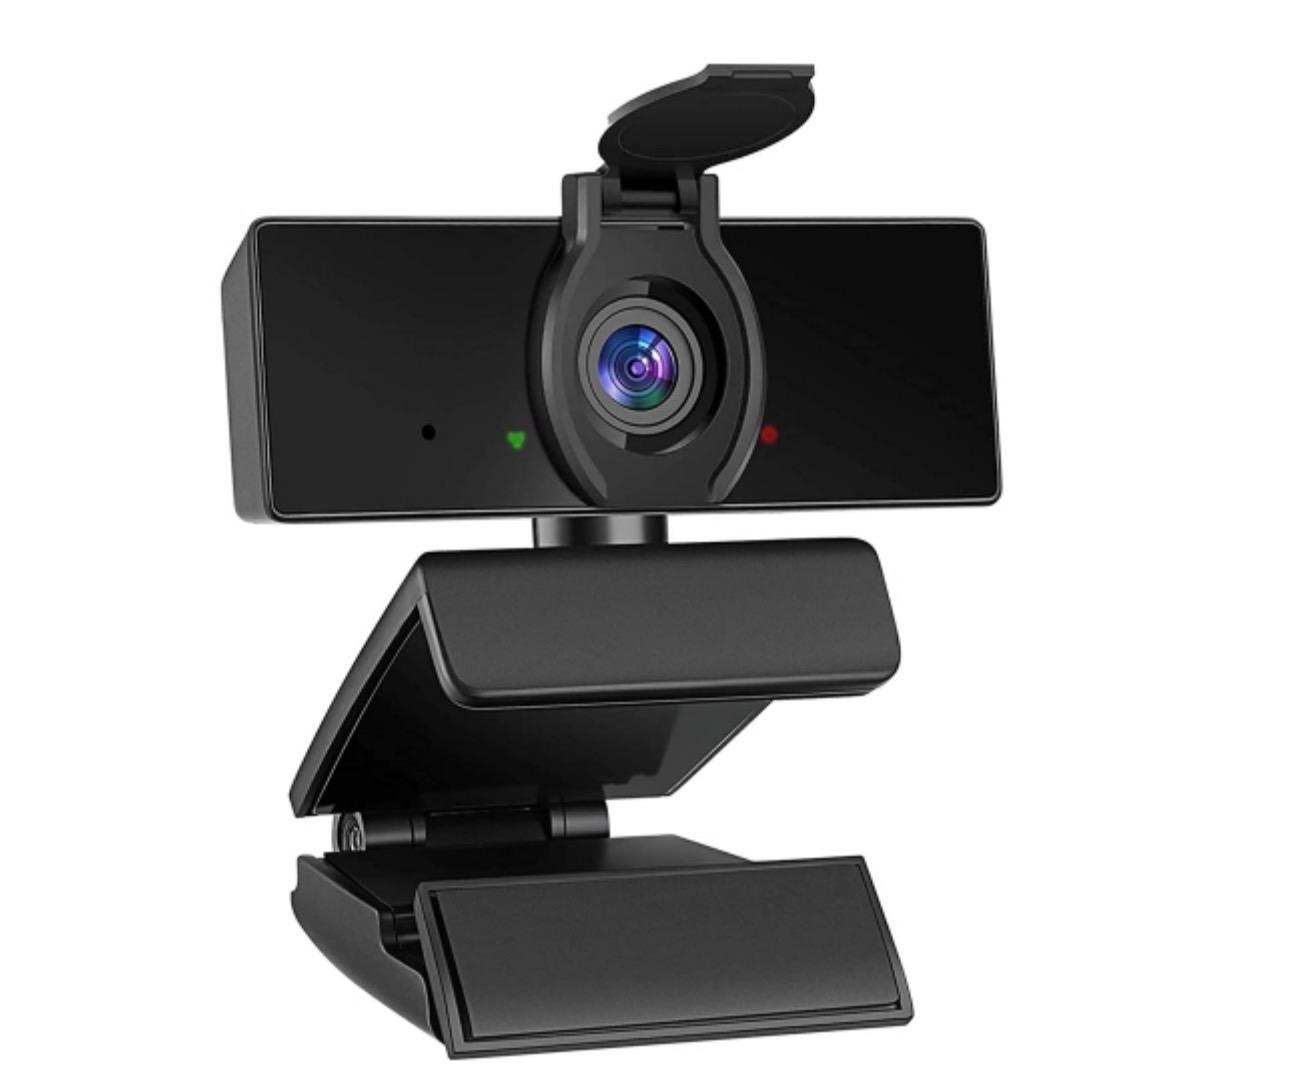 Certaines caméras Web disposent de couvercles de sécurité intégrés.